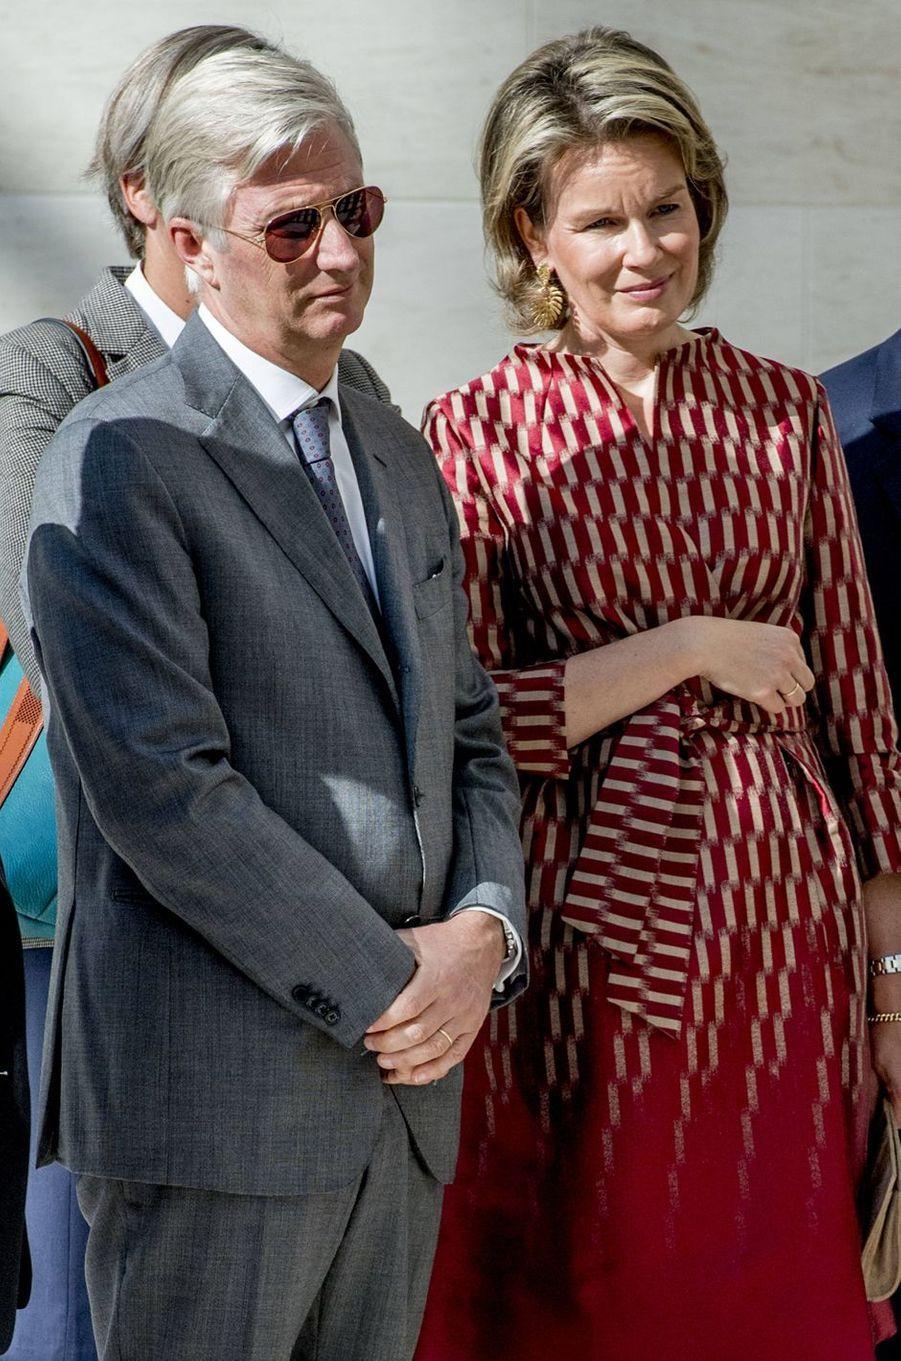 La reine Mathilde et le roi Philippe de Belgique à Luxembourg, le 26 septembre 2017